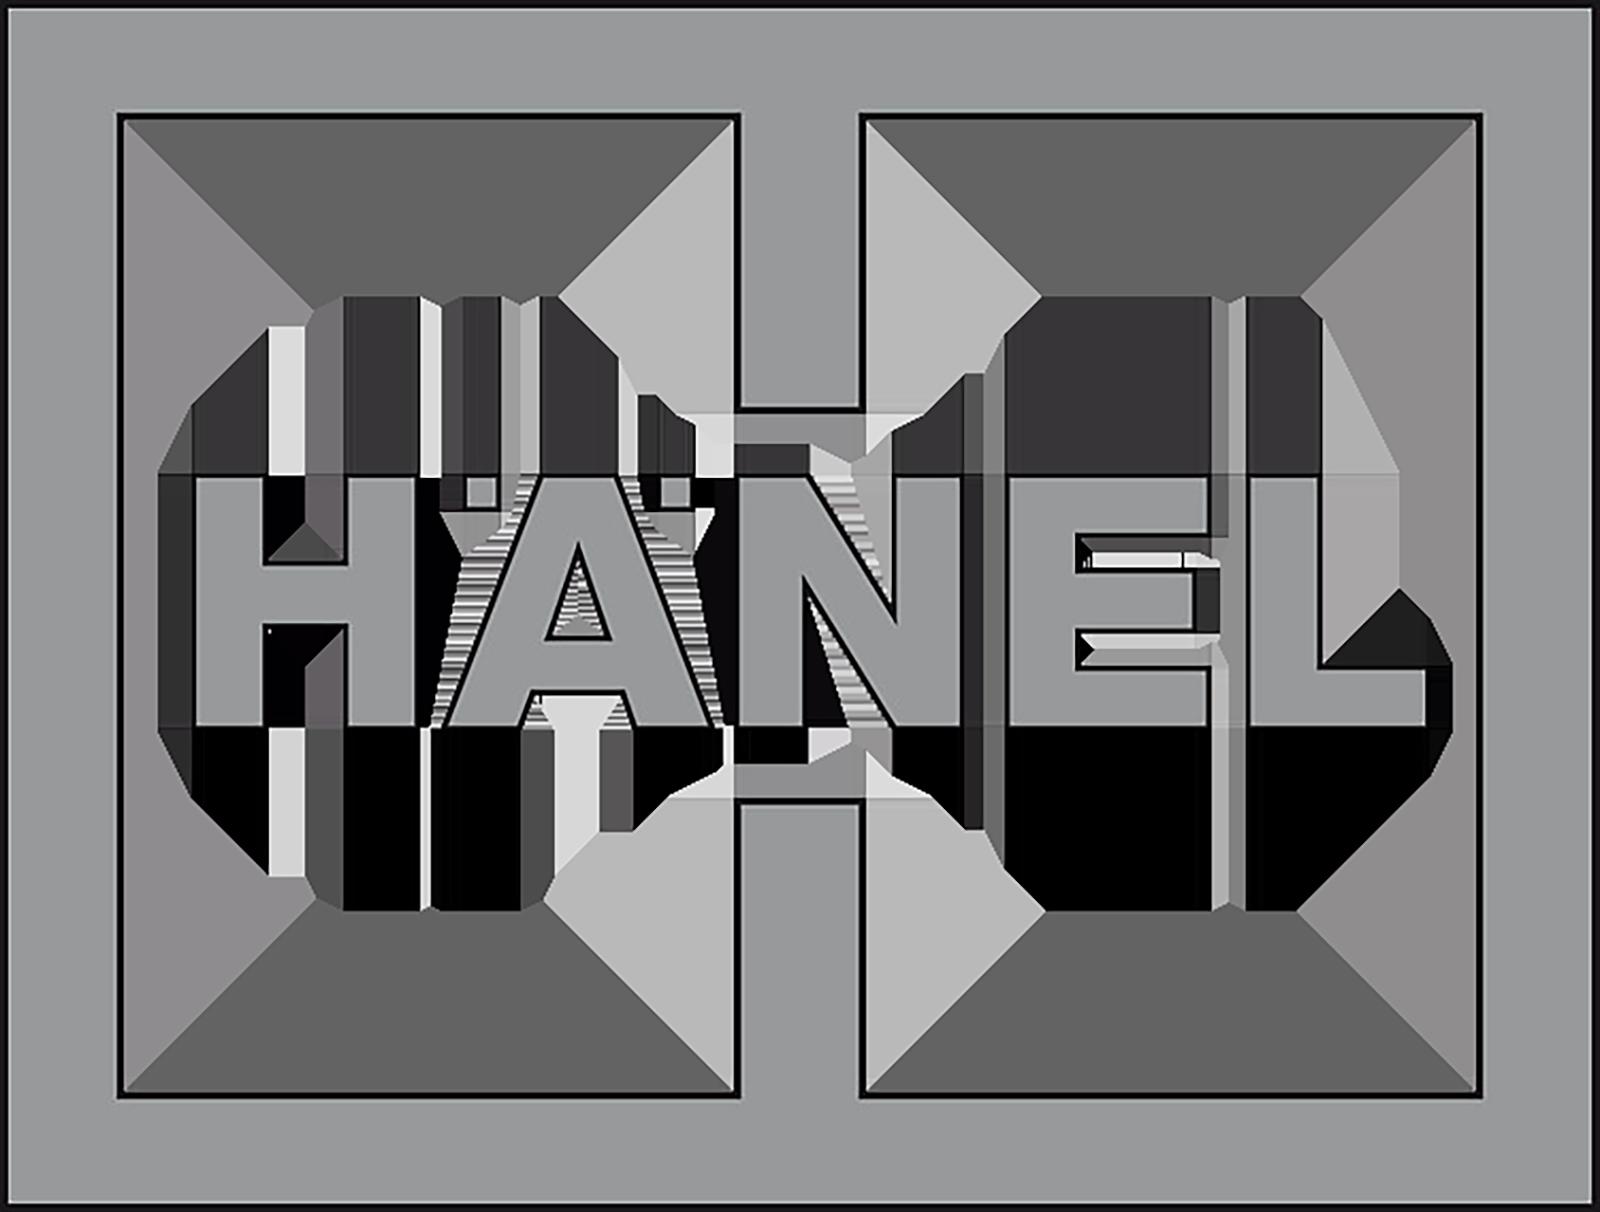 Hänel GmbH & Co. KG